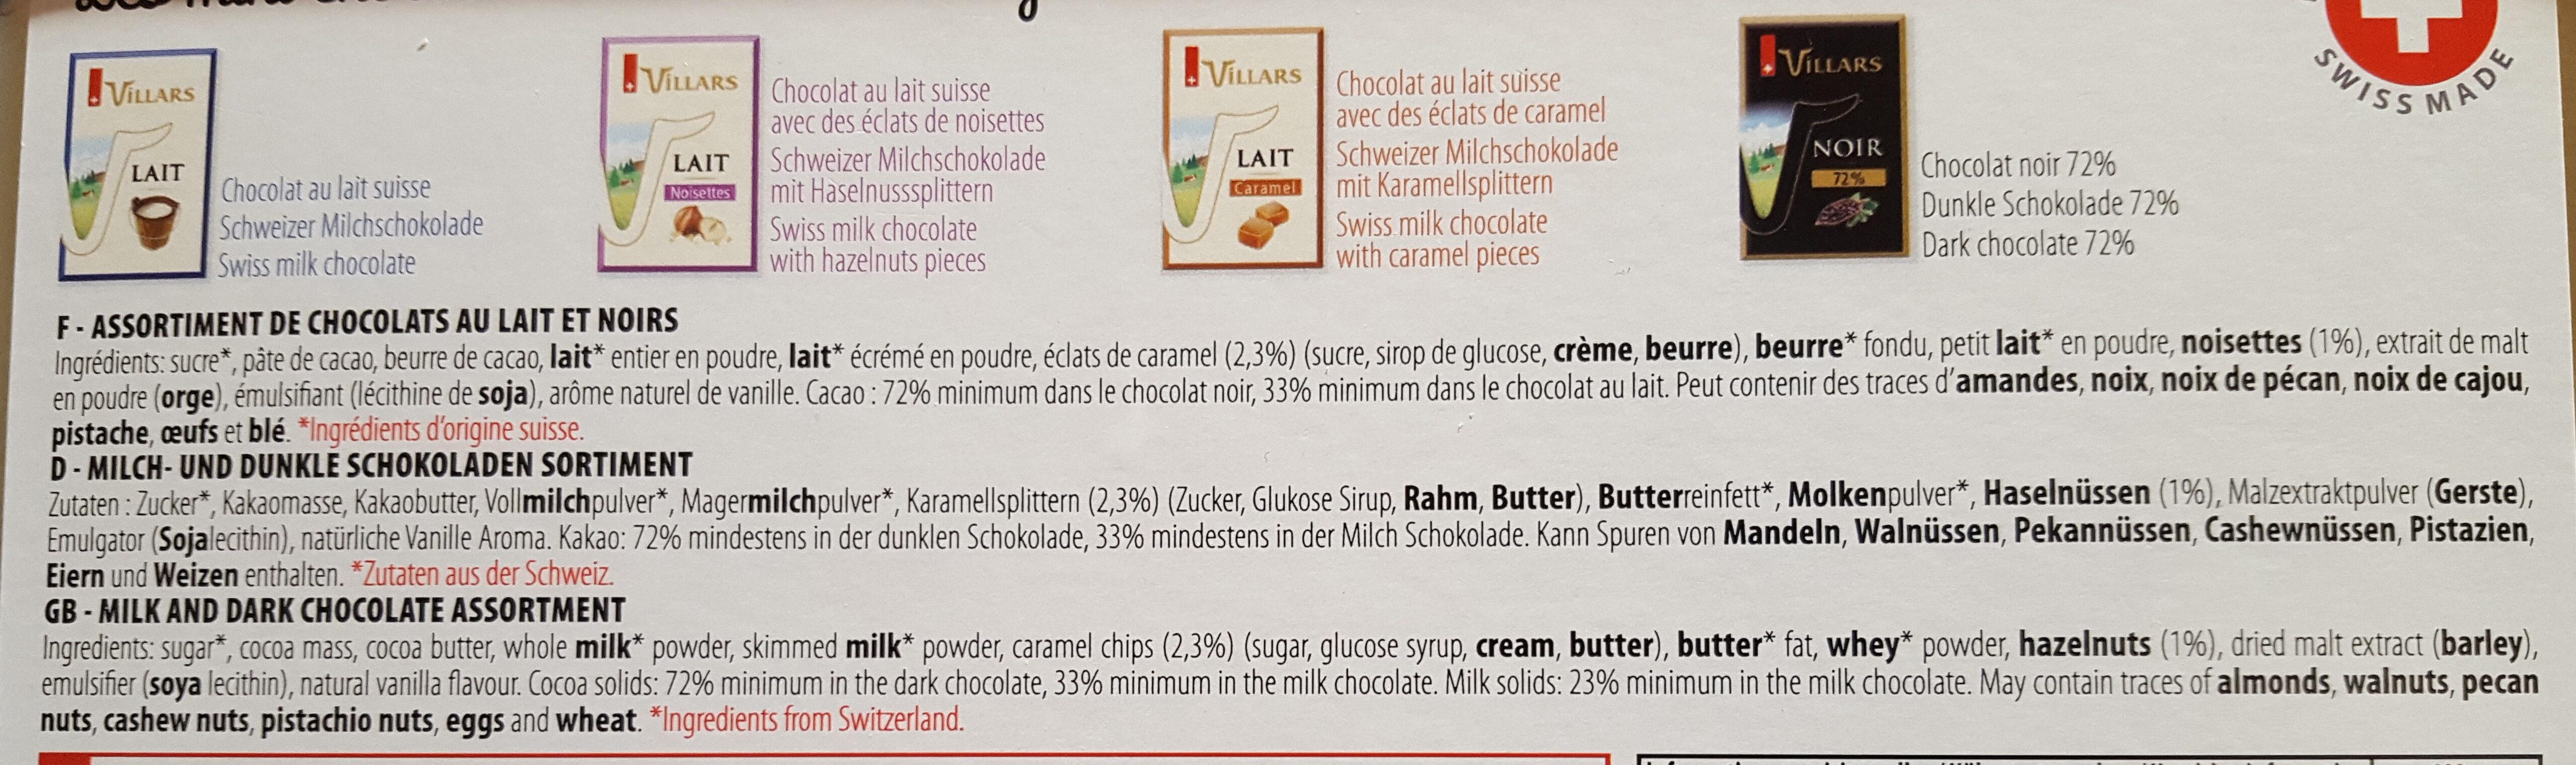 Les mini chocolats suisses - Ingrediënten - fr